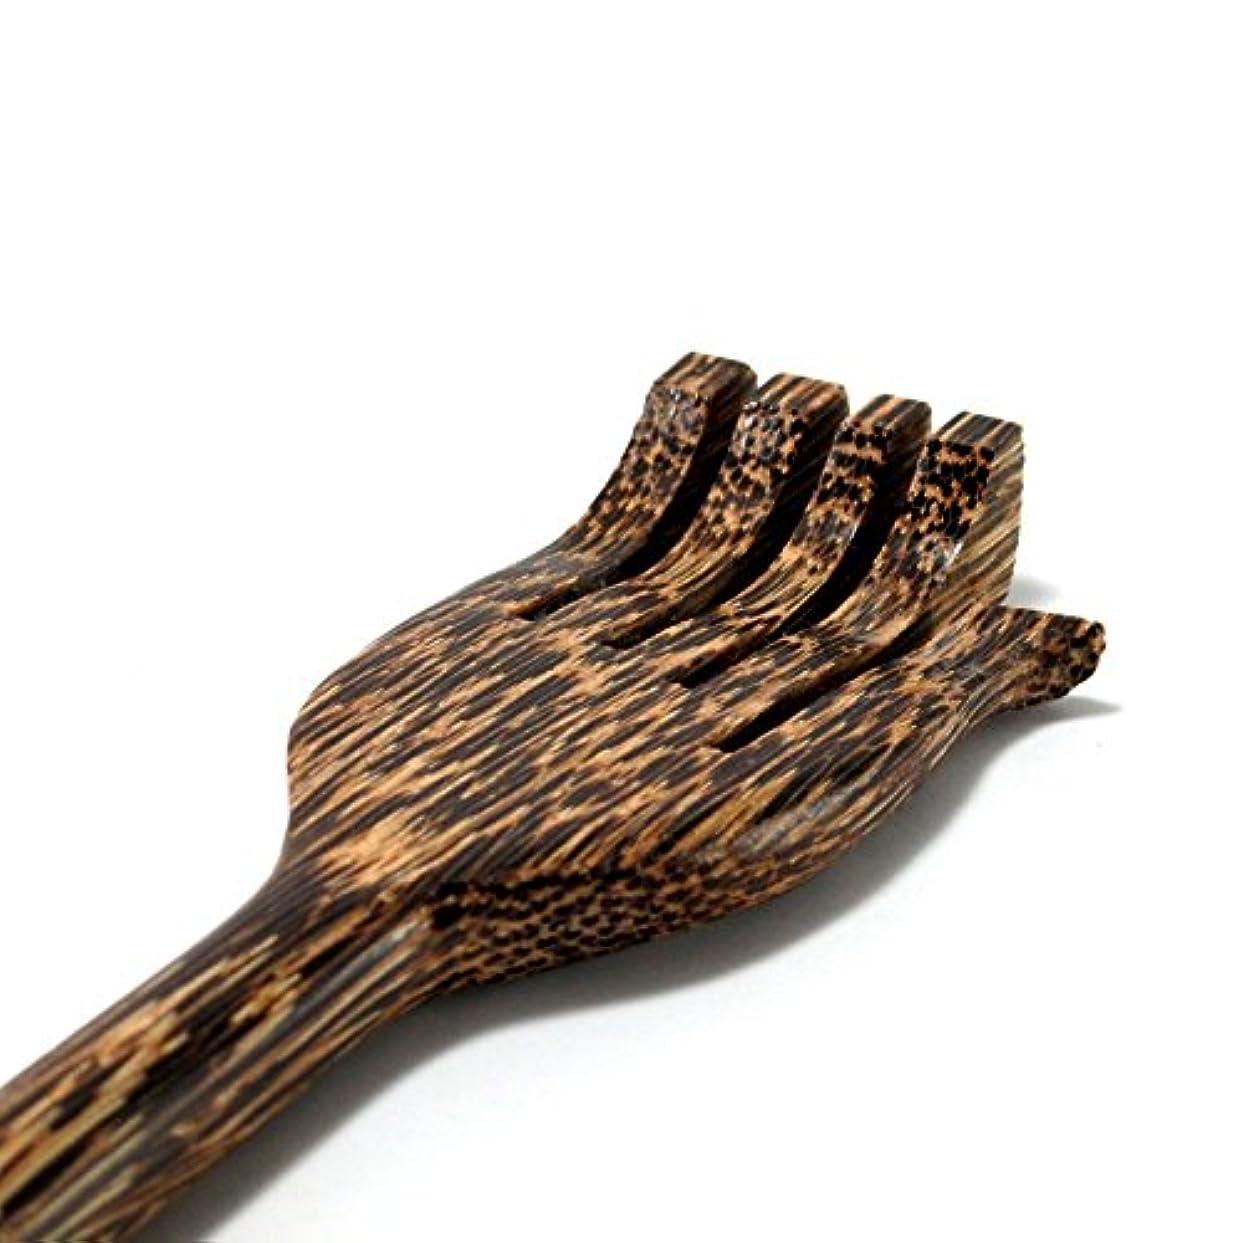 局騒論争の的MARUKOA - バックスクラッチャー 新しいパームウッド手作りスティック タイボディマッサージ木製ギフト